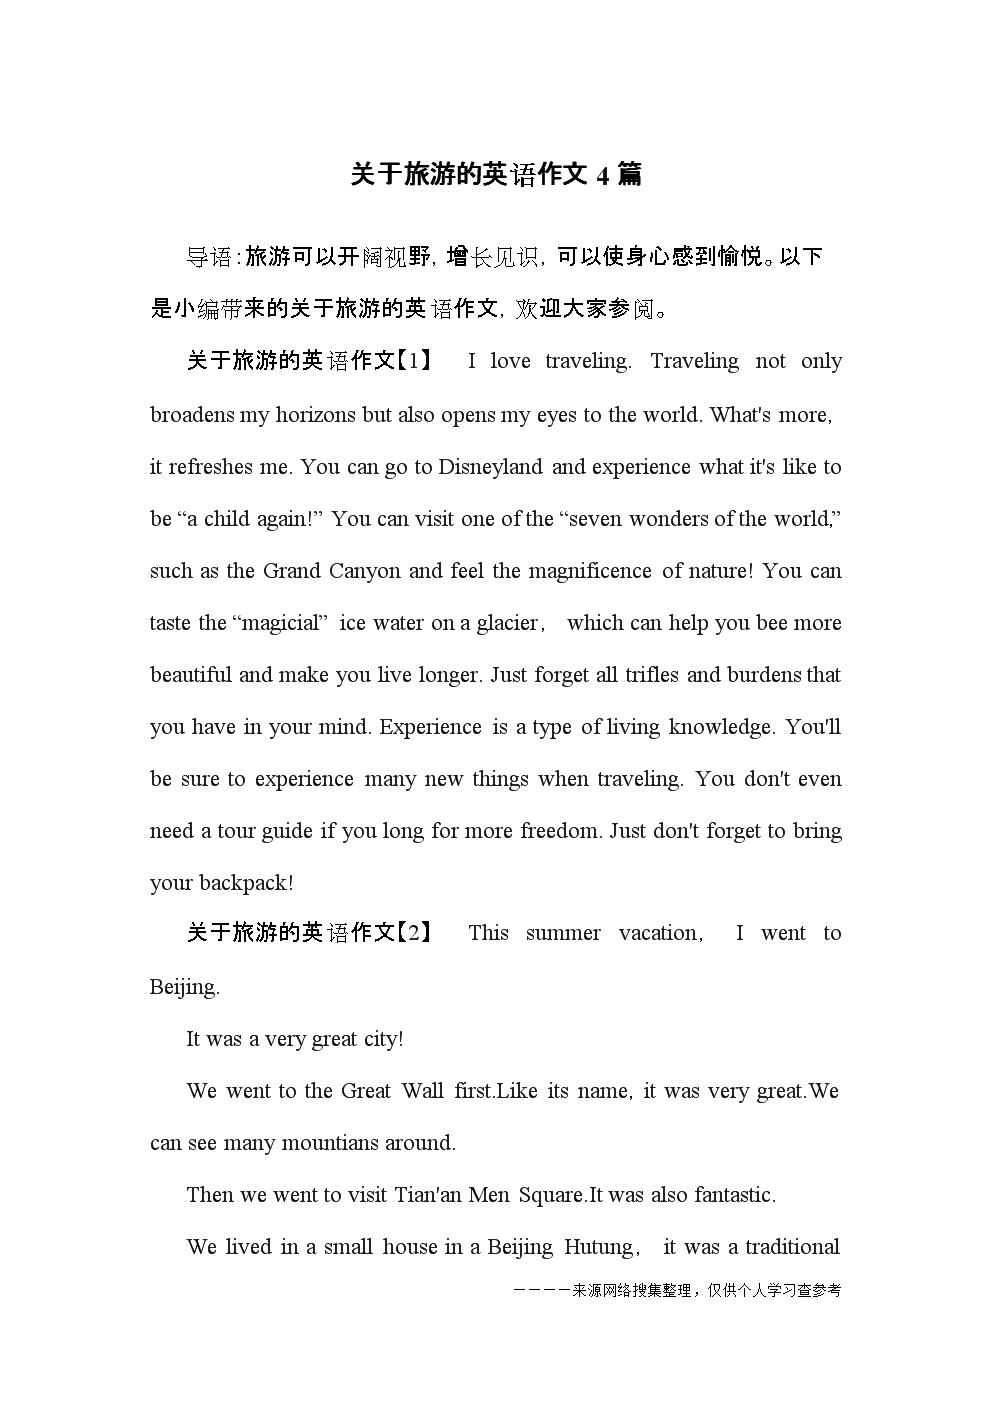 关于旅游的英语作文4篇.doc